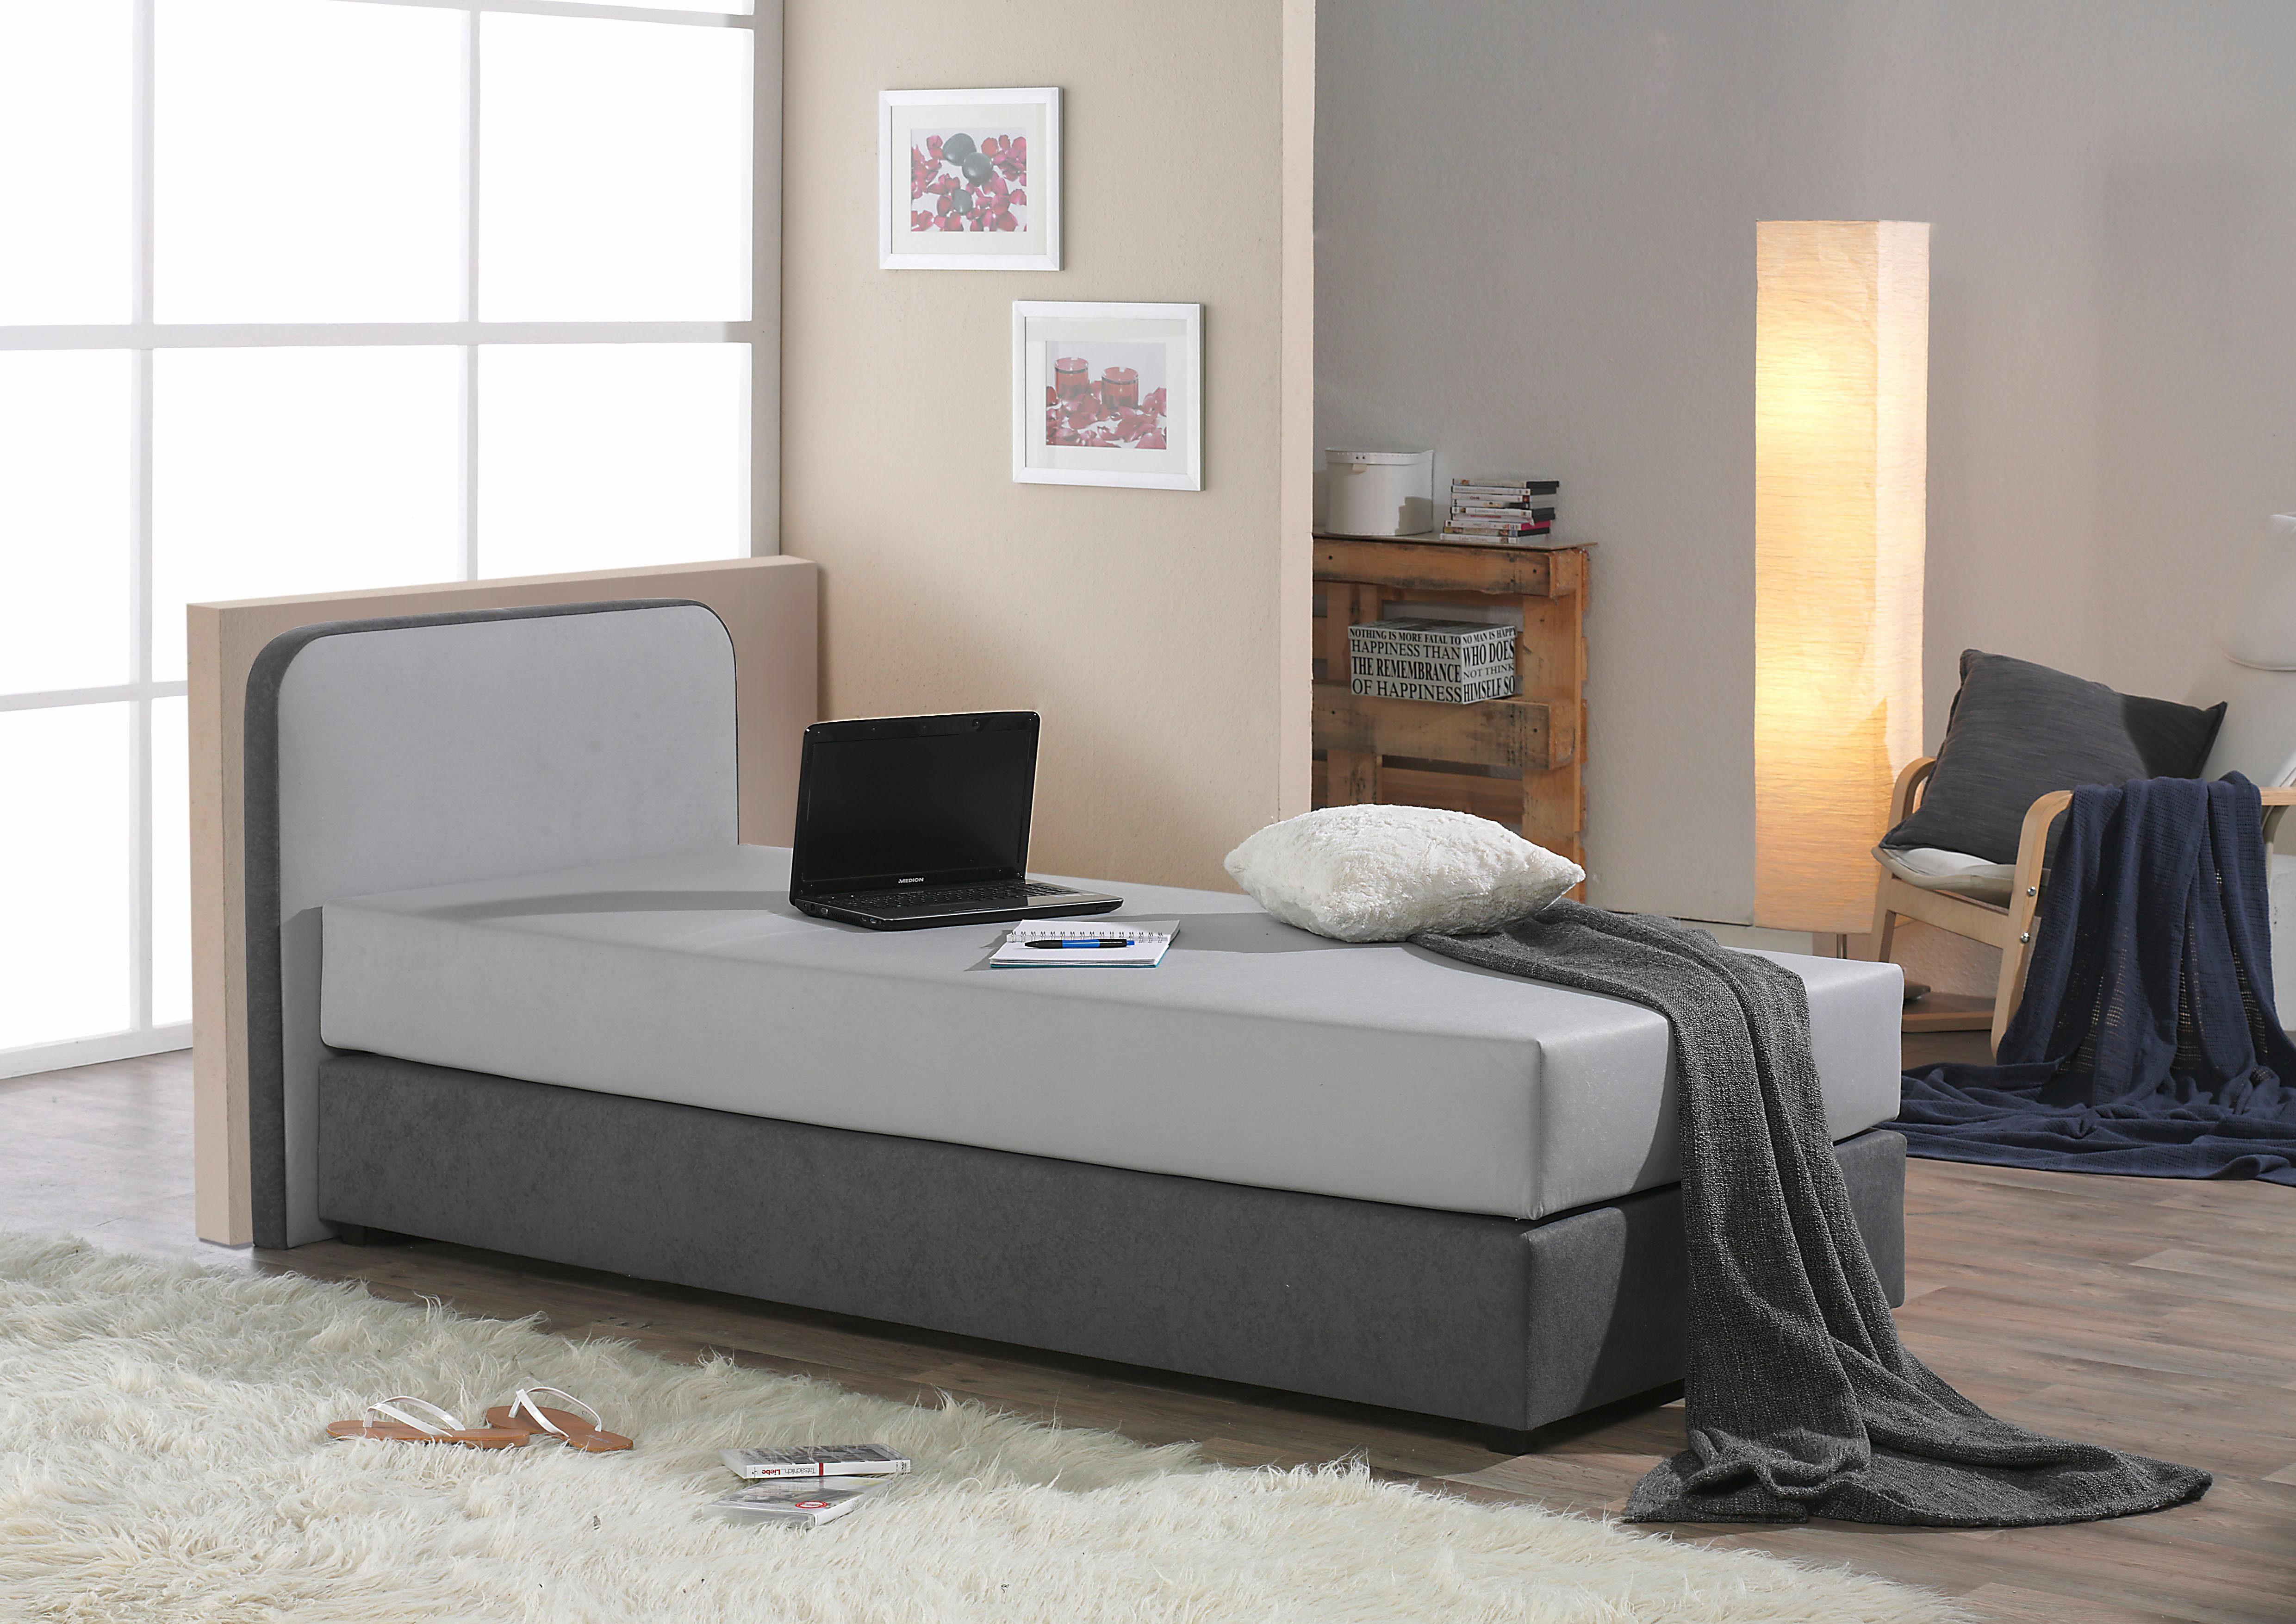 Bett Mit Ausziehfunktion ~ Kinderbett zum ausziehen genial kollektion bett zum ausziehen stock